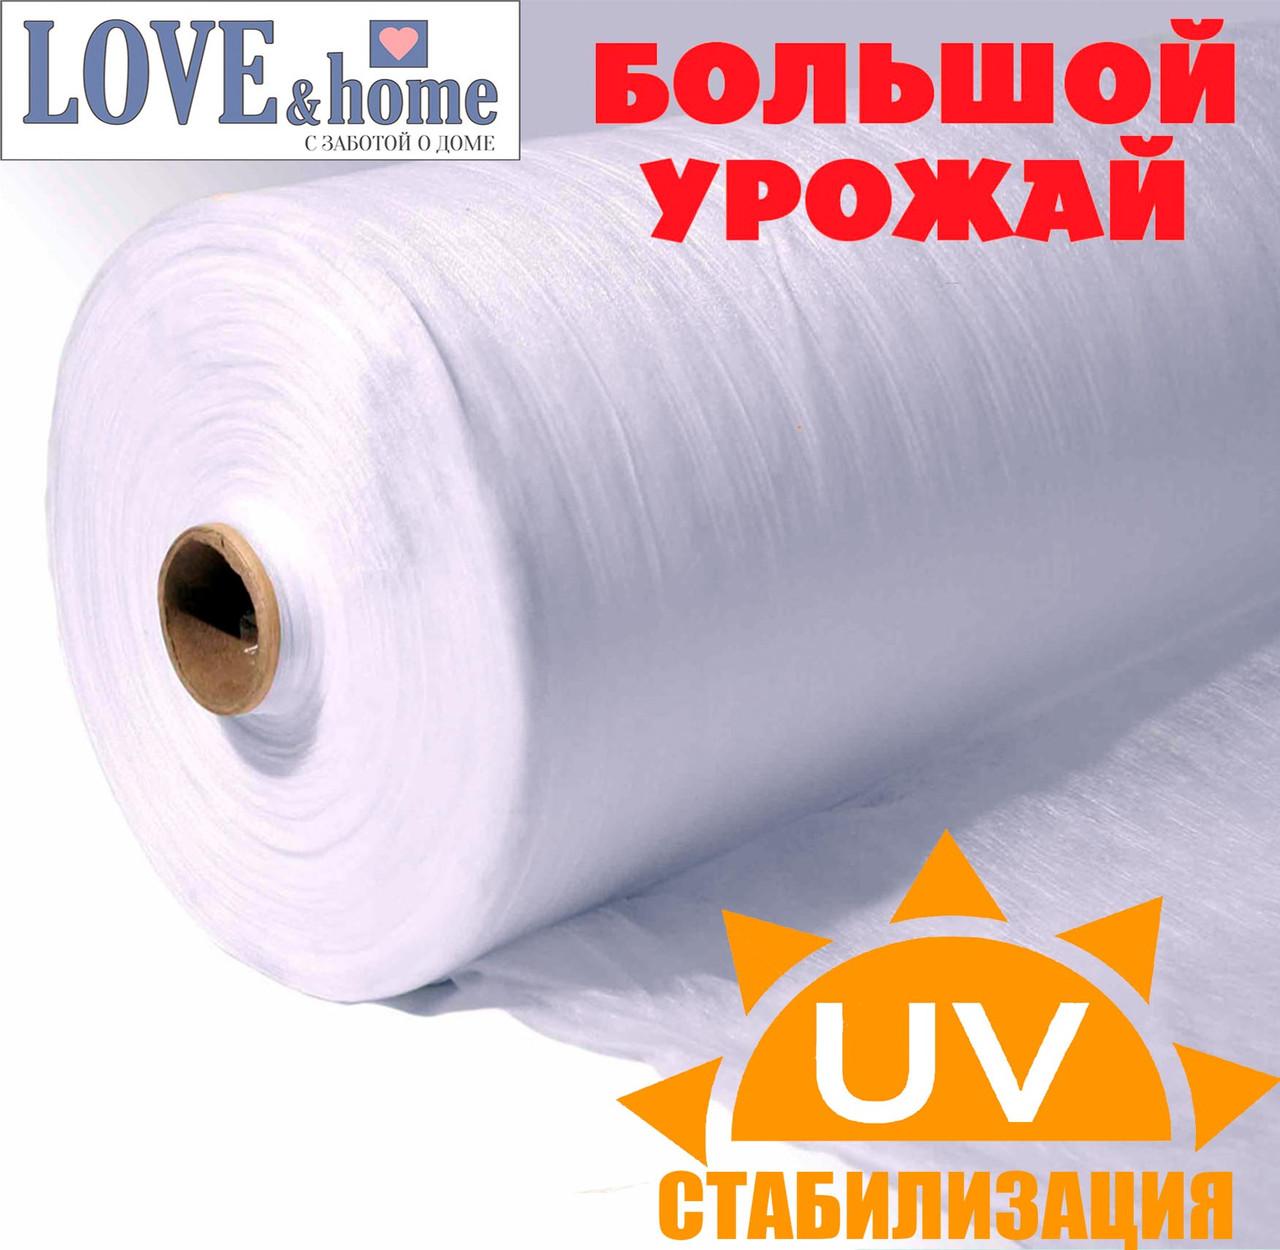 Агроволокно белое, плотность 30г/м². ширина 4.2 м. длина 50м.